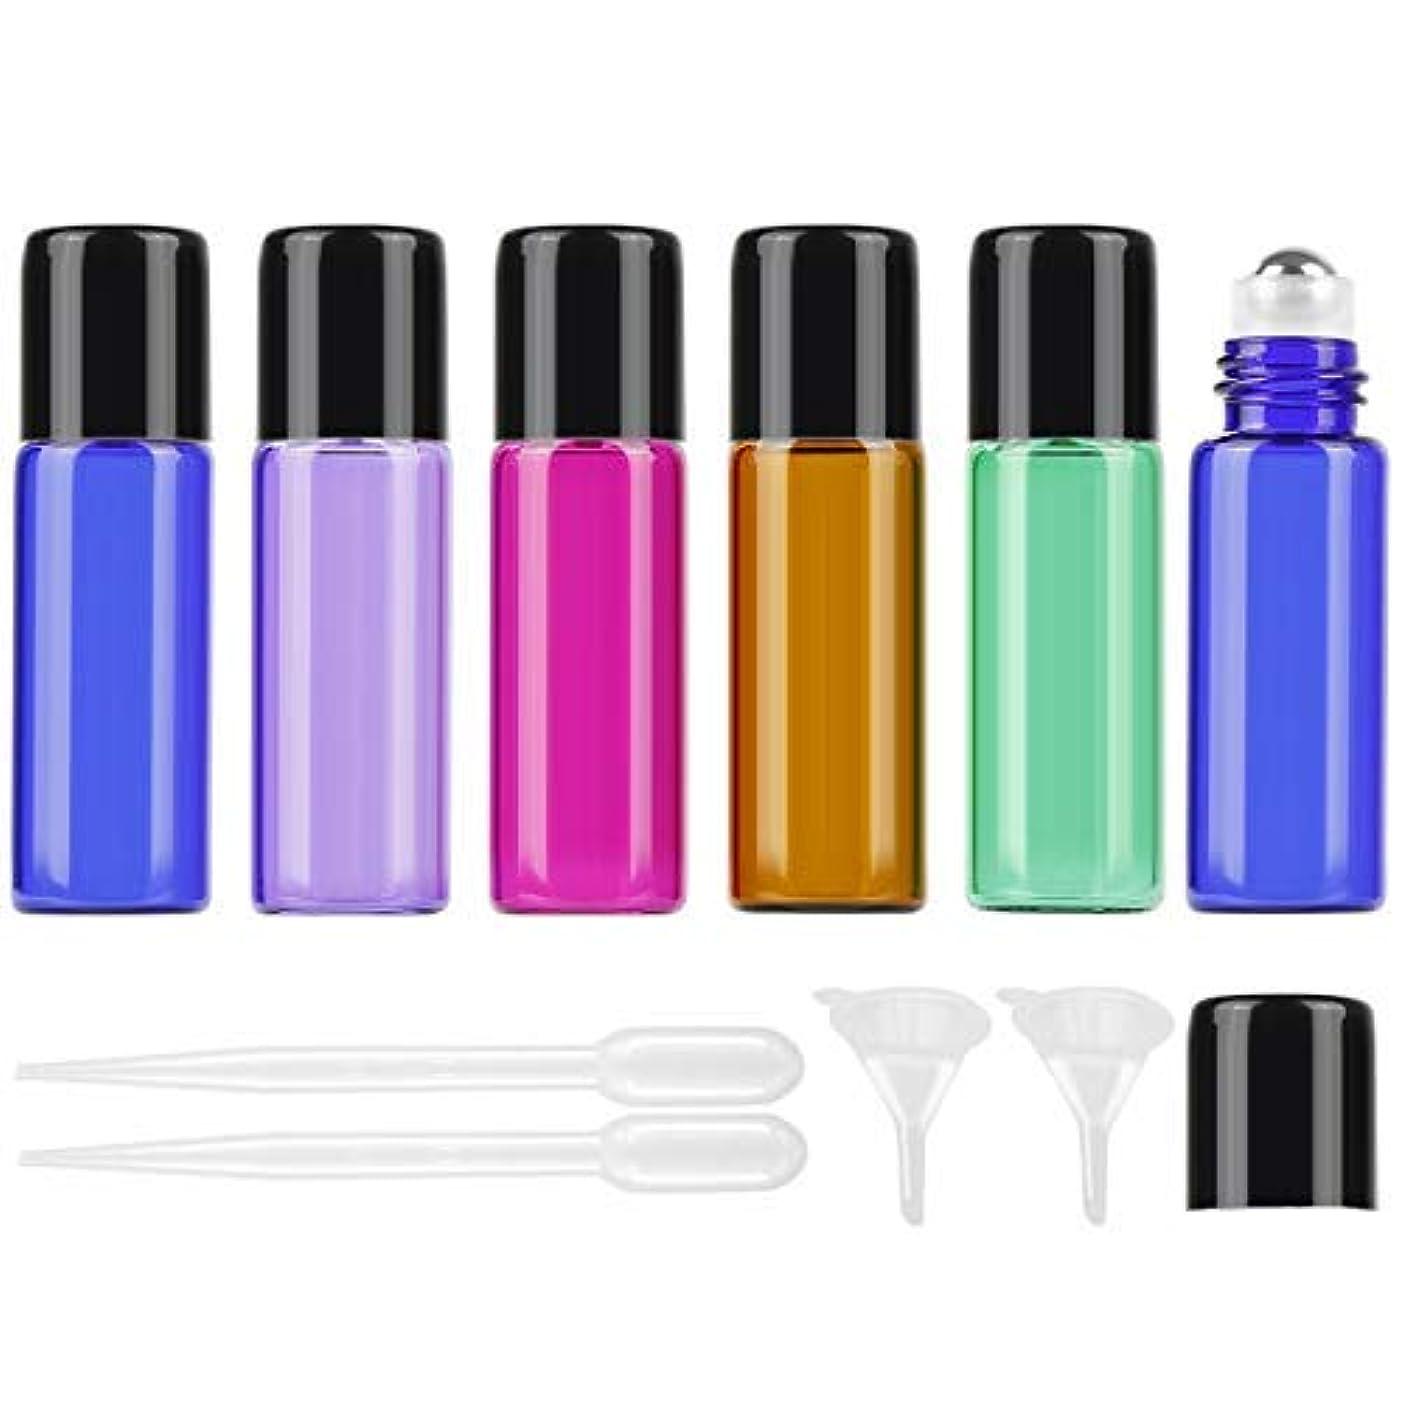 感情スリル幾何学25Pcs 5ml Colored Essential Oil Roller Bottles Vials Glass Cosmetic Travel Containers with Stainless Steel Roller...